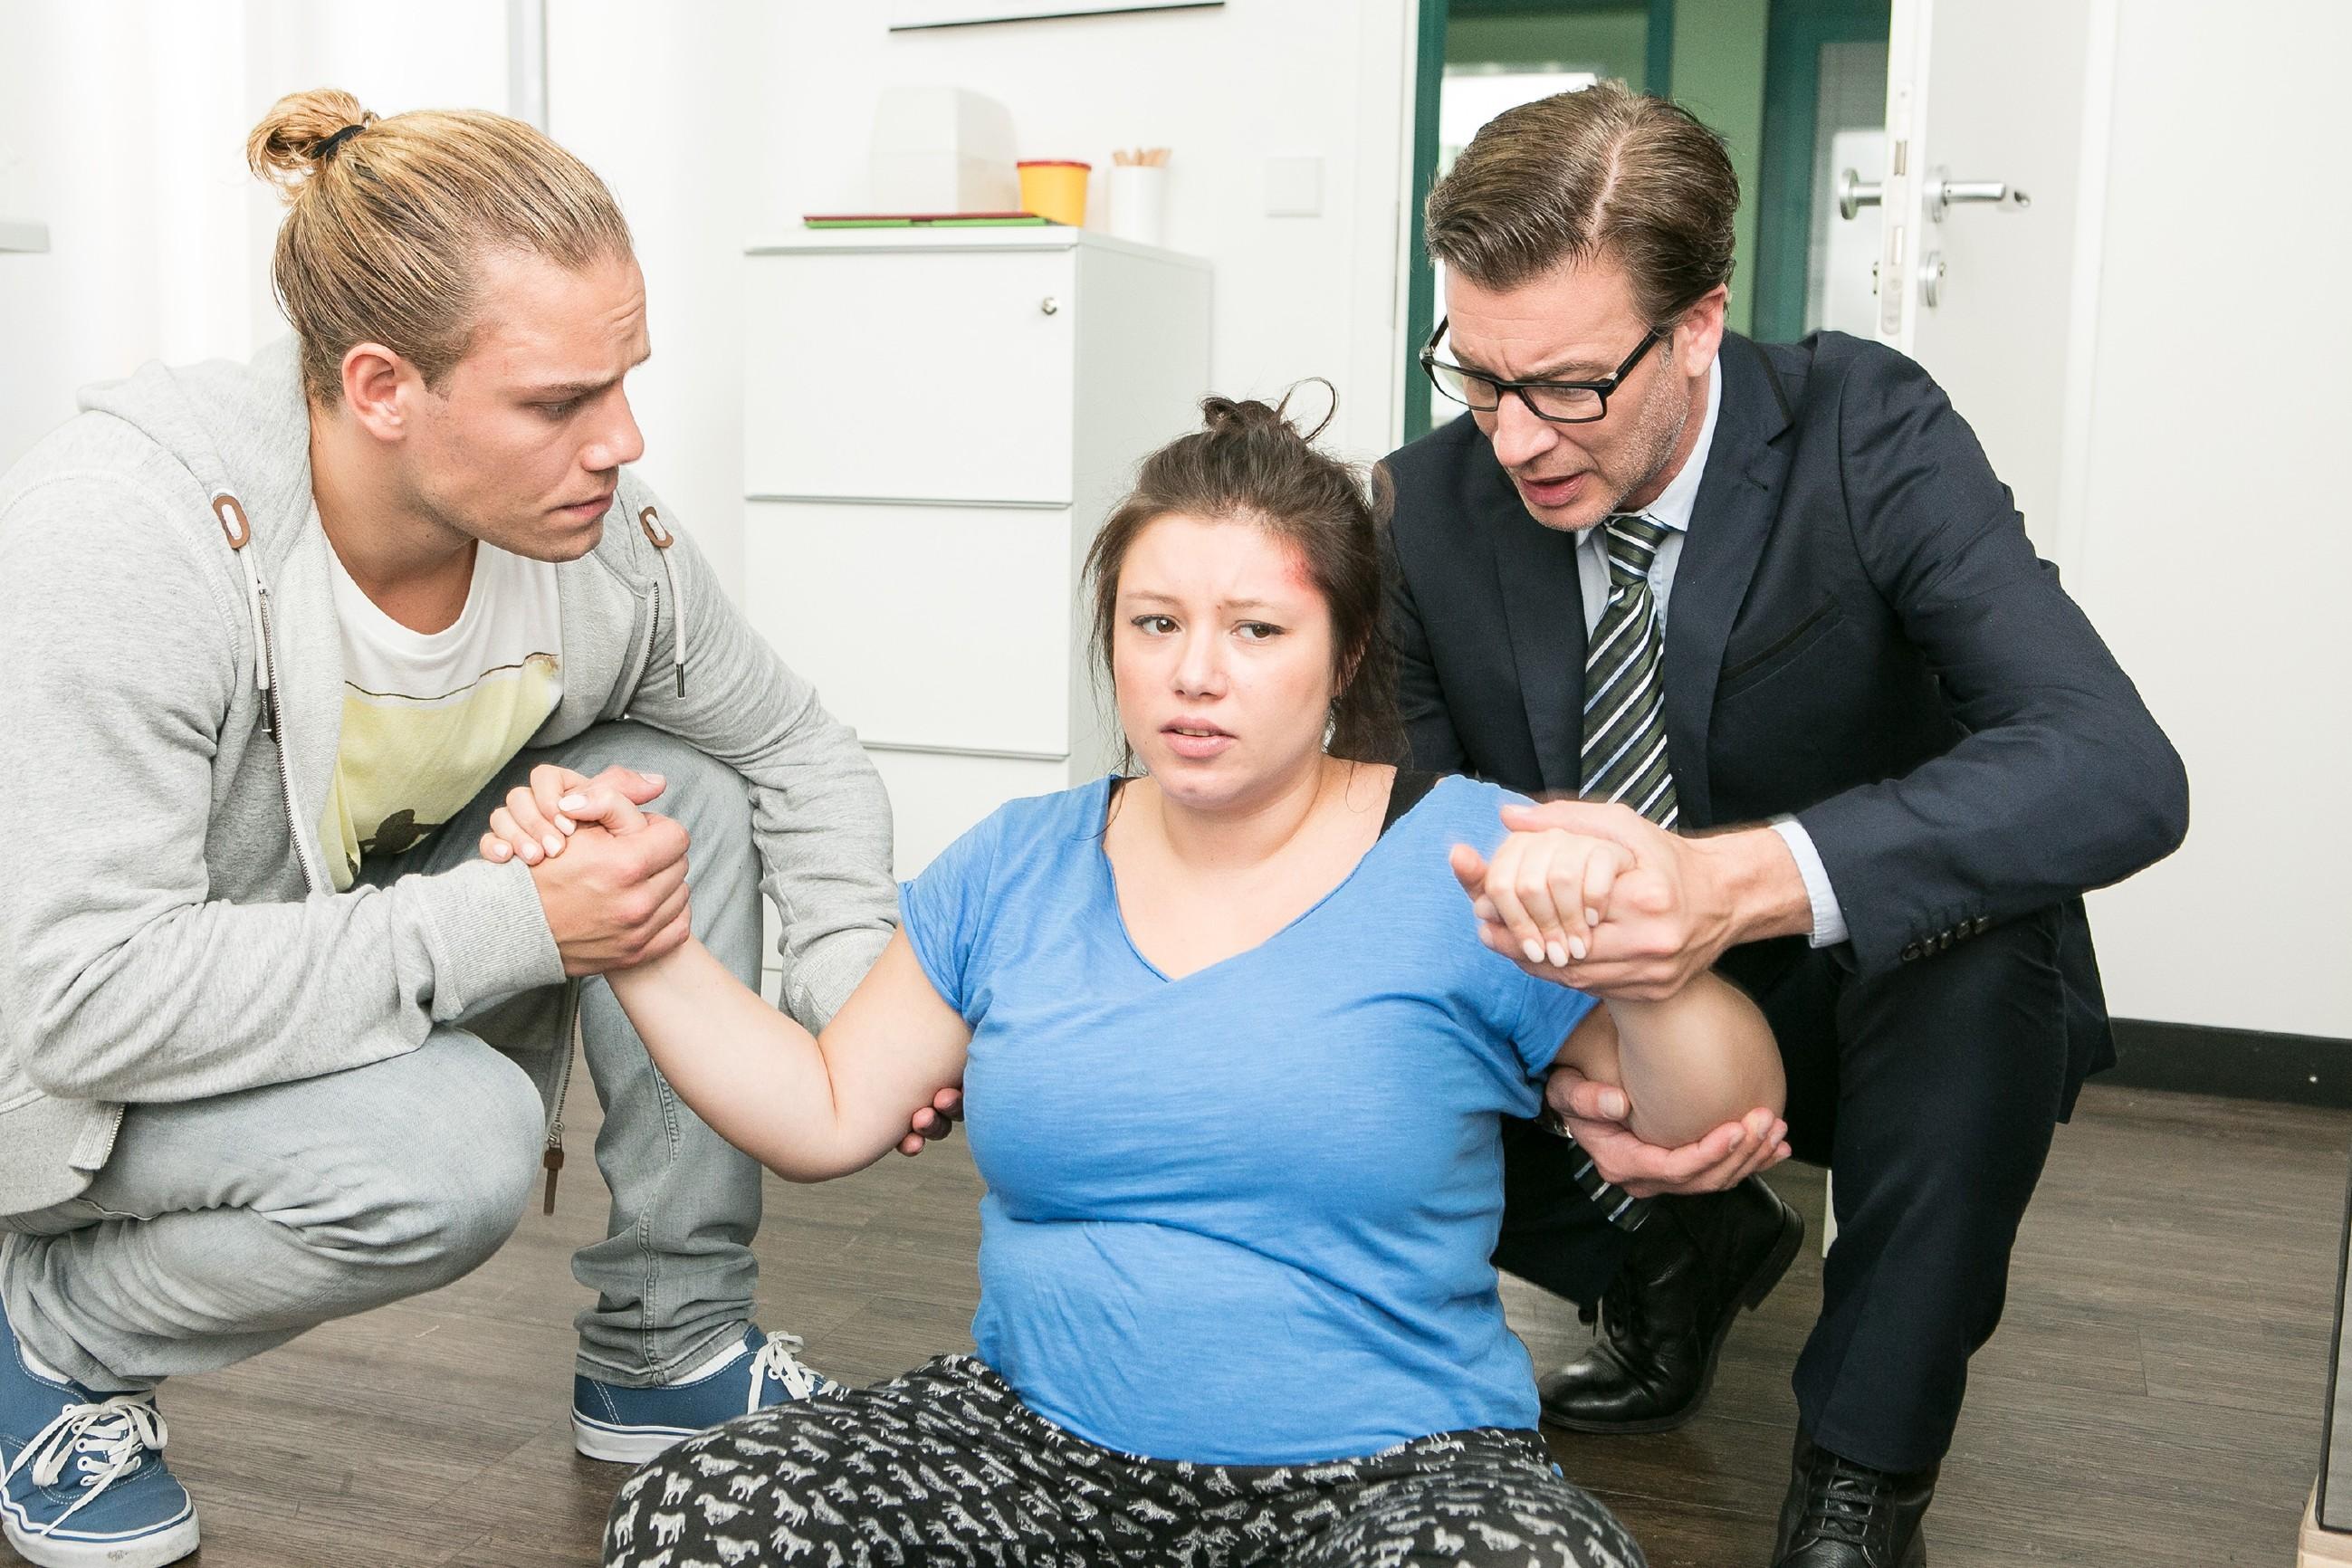 Leo (Julian Bayer, l.) und Christoph (Lars Korten) kümmern sich um Vanessa (Julia Augustin), die bei ihrer nächtlichen Ultraschall-Aktion gestolpert und bewusstlos geworden ist.